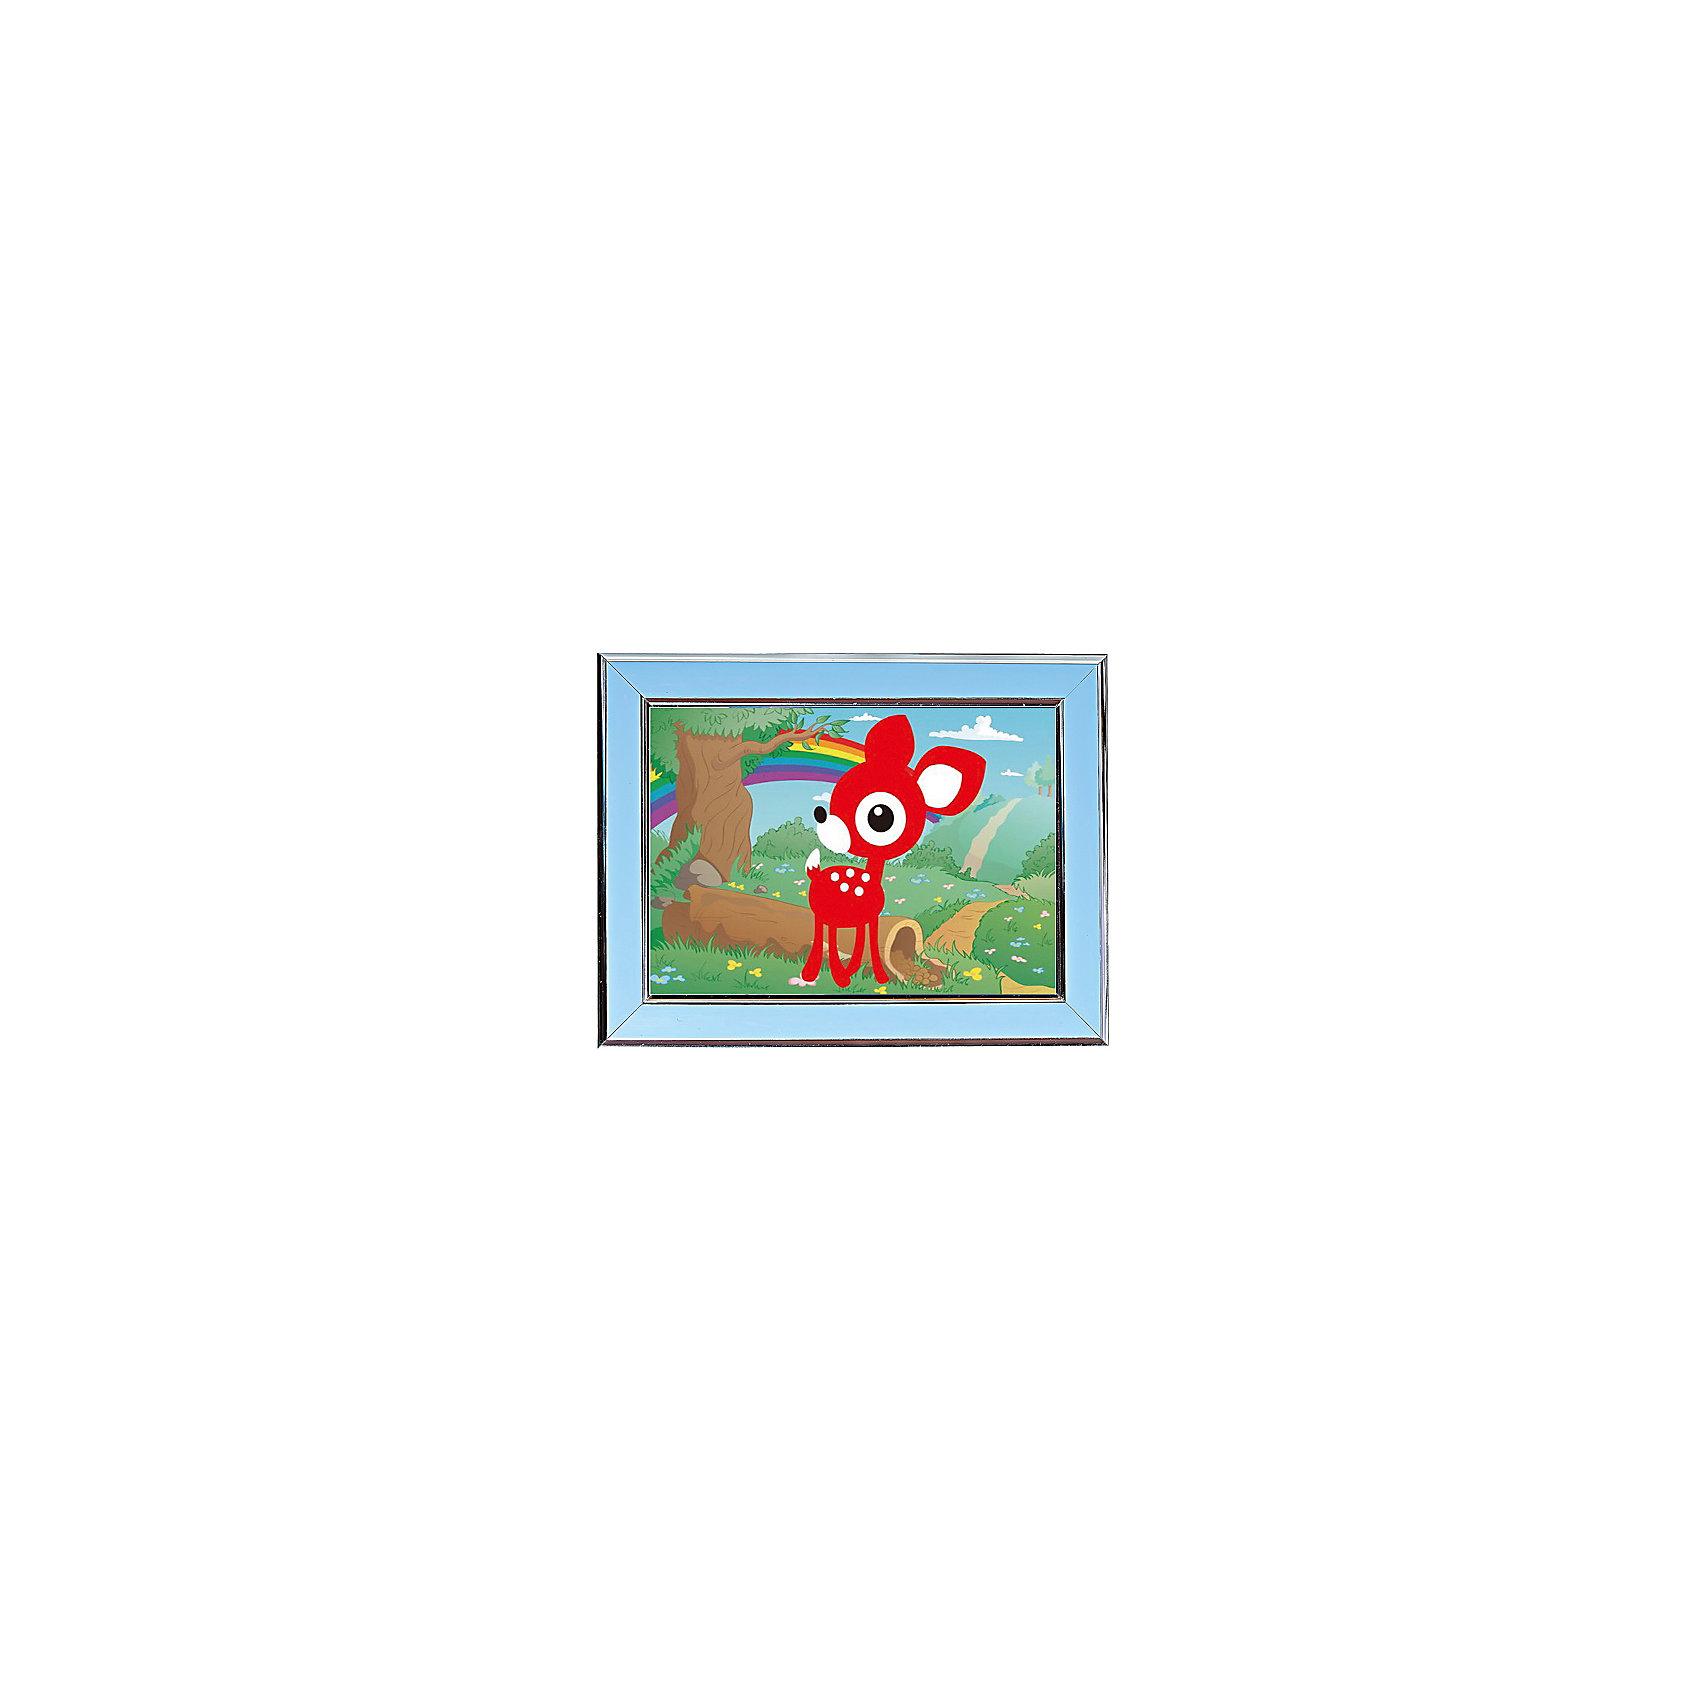 Мозаичная картина ОленёнокМозаика<br>Мозаичная картина Оленёнок.<br><br>Характеристика: <br><br>• Материал: картон, пластик, клей. <br>• Размер картинки: 17х21 см. <br>• Размер мозаичного элемента: 2,5 мм. <br>• Комплектация: контейнер для элементов мозаики, мозаичные элементы, специальный клеевой карандаш, трафарет со схемой рисунка, декоративная пластиковая рамка с оргстеклом. <br>• Яркие, насыщенные цвета. <br>• Отлично развивает моторику рук, внимание, мышление и воображение. <br><br>Создание картины из мозаики - увлекательное и полезное занятие, в процессе которого ребенок сможет развить моторику рук, внимание, усидчивость, цветовосприятие и воображение. В этом наборе уже есть все для создания маленького шедевра! Нужно лишь приклеить мозаичные элементы на основу с нанесенным контуром - и яркая картинка готова.<br><br>Мозаичную картину Оленёнок можно купить в нашем магазине.<br><br>Ширина мм: 200<br>Глубина мм: 225<br>Высота мм: 30<br>Вес г: 250<br>Возраст от месяцев: 84<br>Возраст до месяцев: 144<br>Пол: Унисекс<br>Возраст: Детский<br>SKU: 5417610